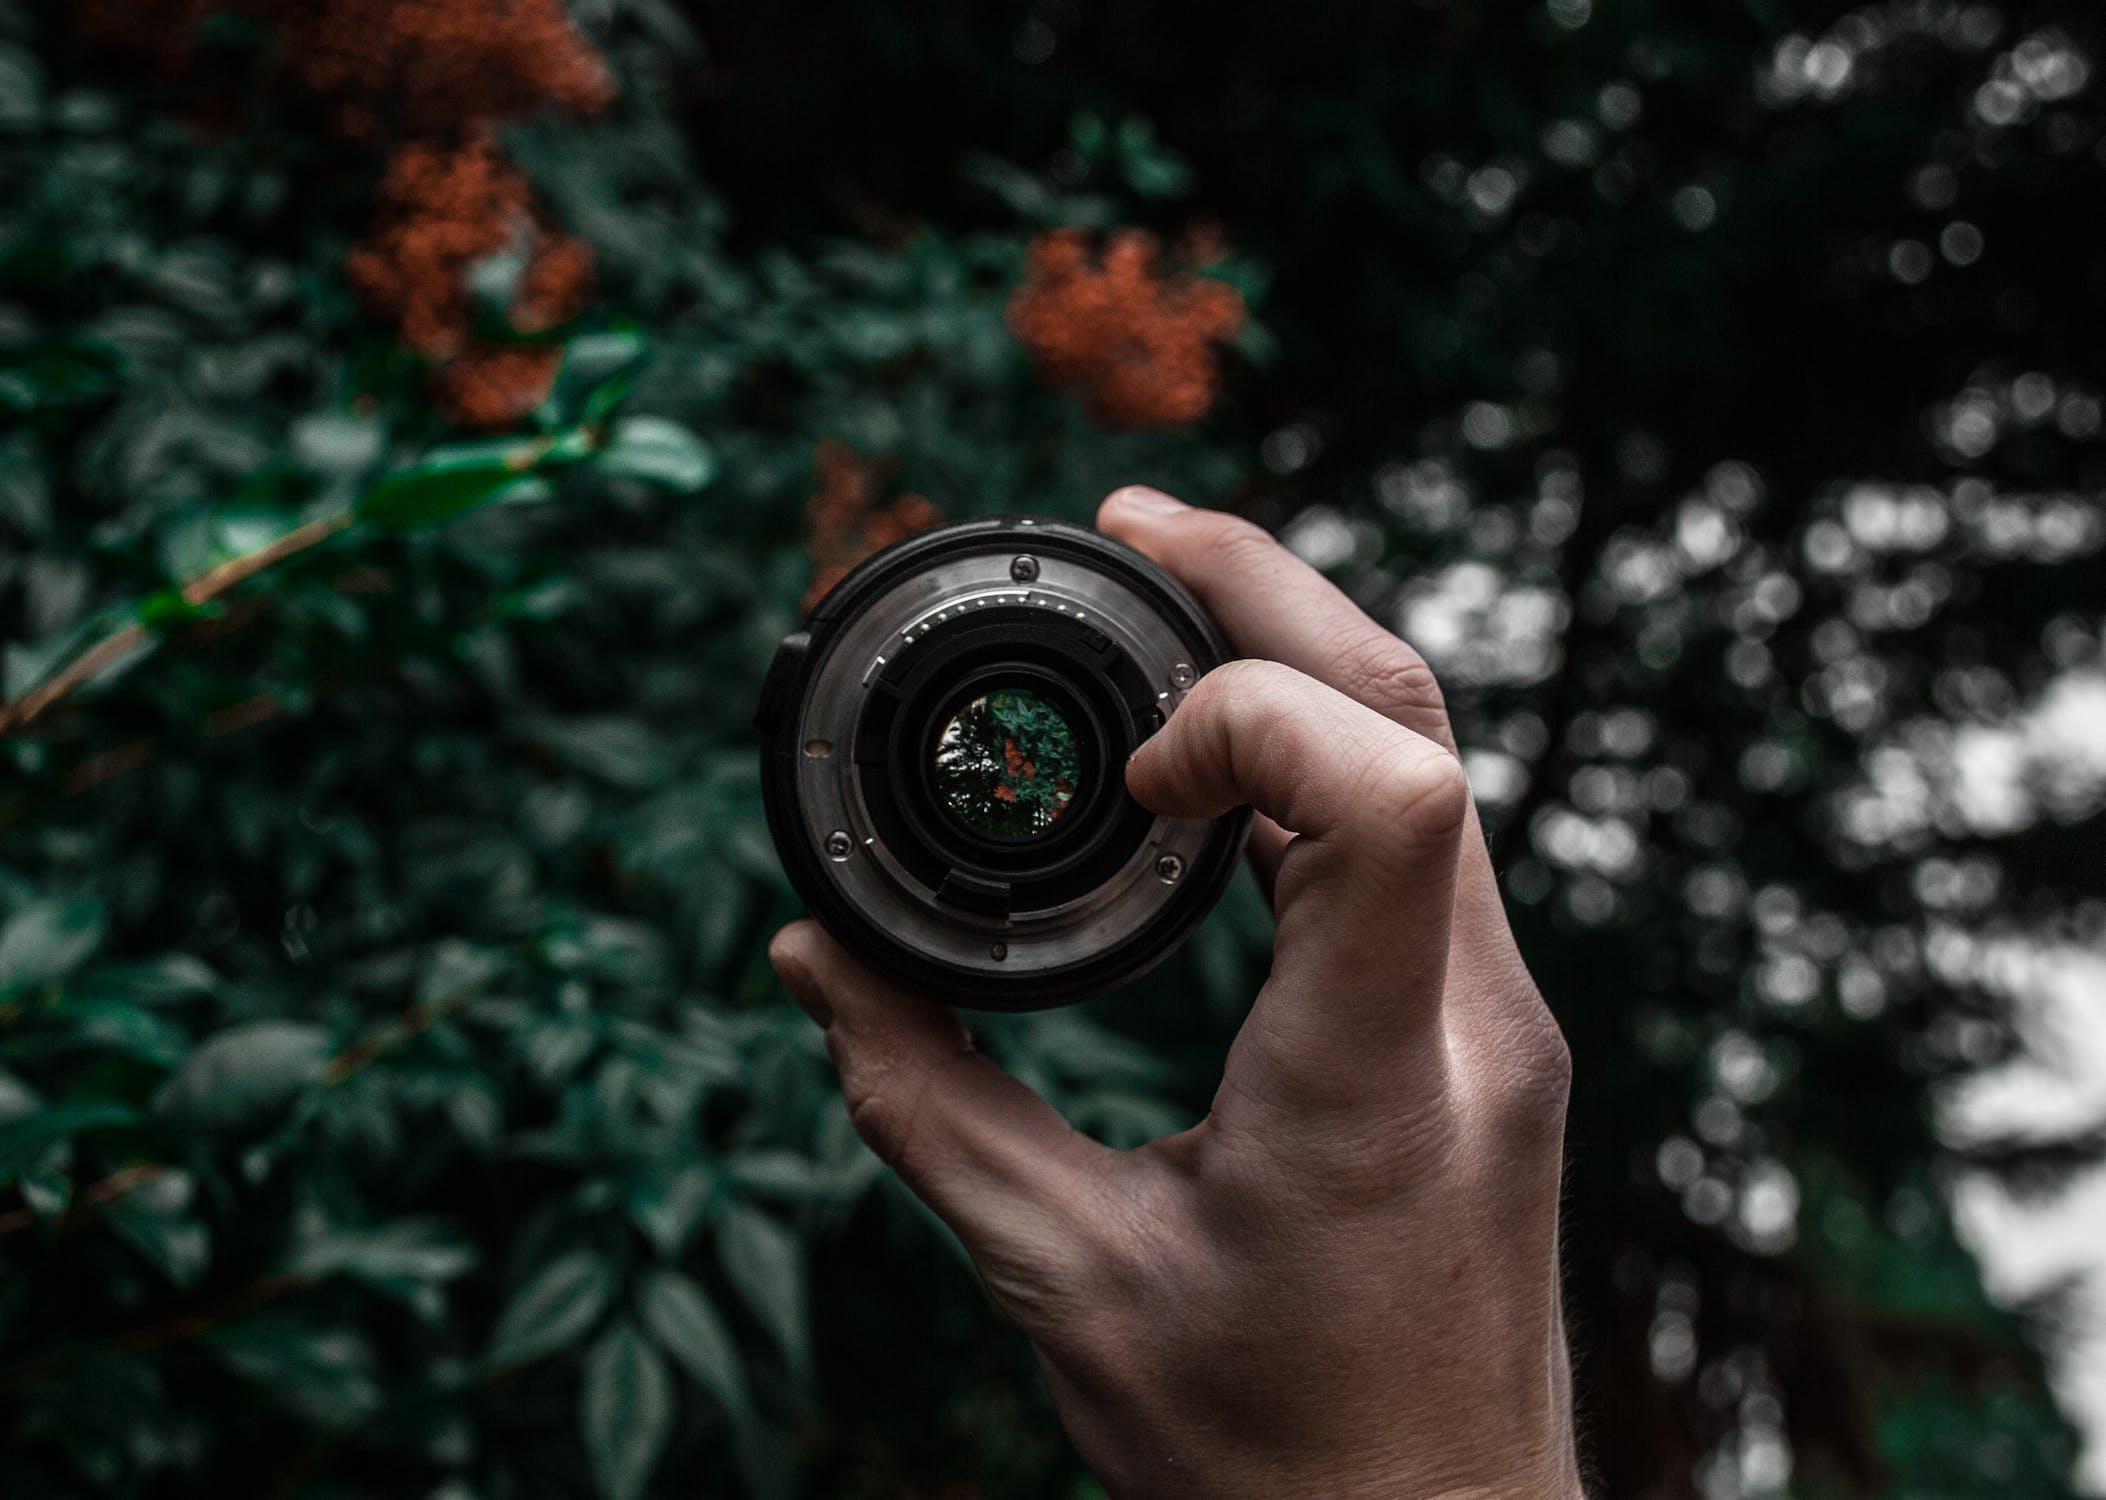 любом как сфотографировать с глубиной резкости раздумывая, как приготовить